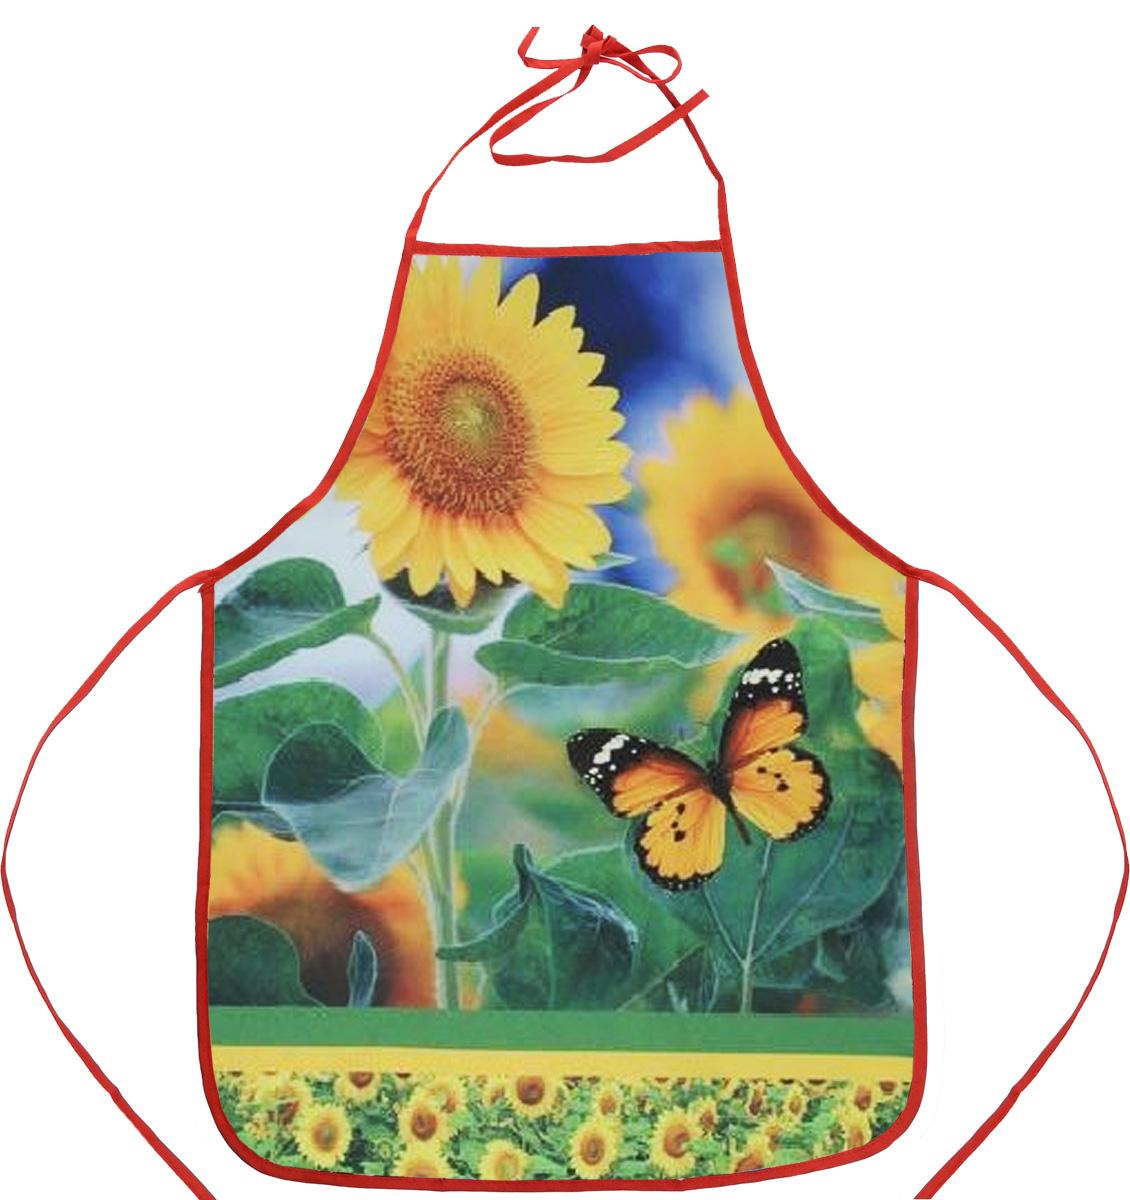 Фартук Bonita Кубанское солнце, 55 х 73 см1101211746Фартук Bonita Кубанское солнце изготовлен из прочного полиэстера и декорирован красивым изображением подсолнухов и бабочки, которое понравится любой хозяйке. Фартук оснащен завязками. Имеет универсальный размер. Такой фартук поможет вам избежать попадания еды на одежду во время приготовления пищи. Кухня - это сердце дома, где вся семья собирается вместе. Она бережно хранит и поддерживает жизнь домашнего очага, который нас согревает. Именно поэтому так важно создать здесь атмосферу, которая не только возбудит аппетит, но и наполнит жизненной энергией. С текстилем Bonita открывается возможность не только каждый день дарить кухне новый облик, но и создавать настоящие кулинарные шедевры. Bonita станет незаменимым помощником и идейным вдохновителем, создающим вкусное настроение на вашей кухне.